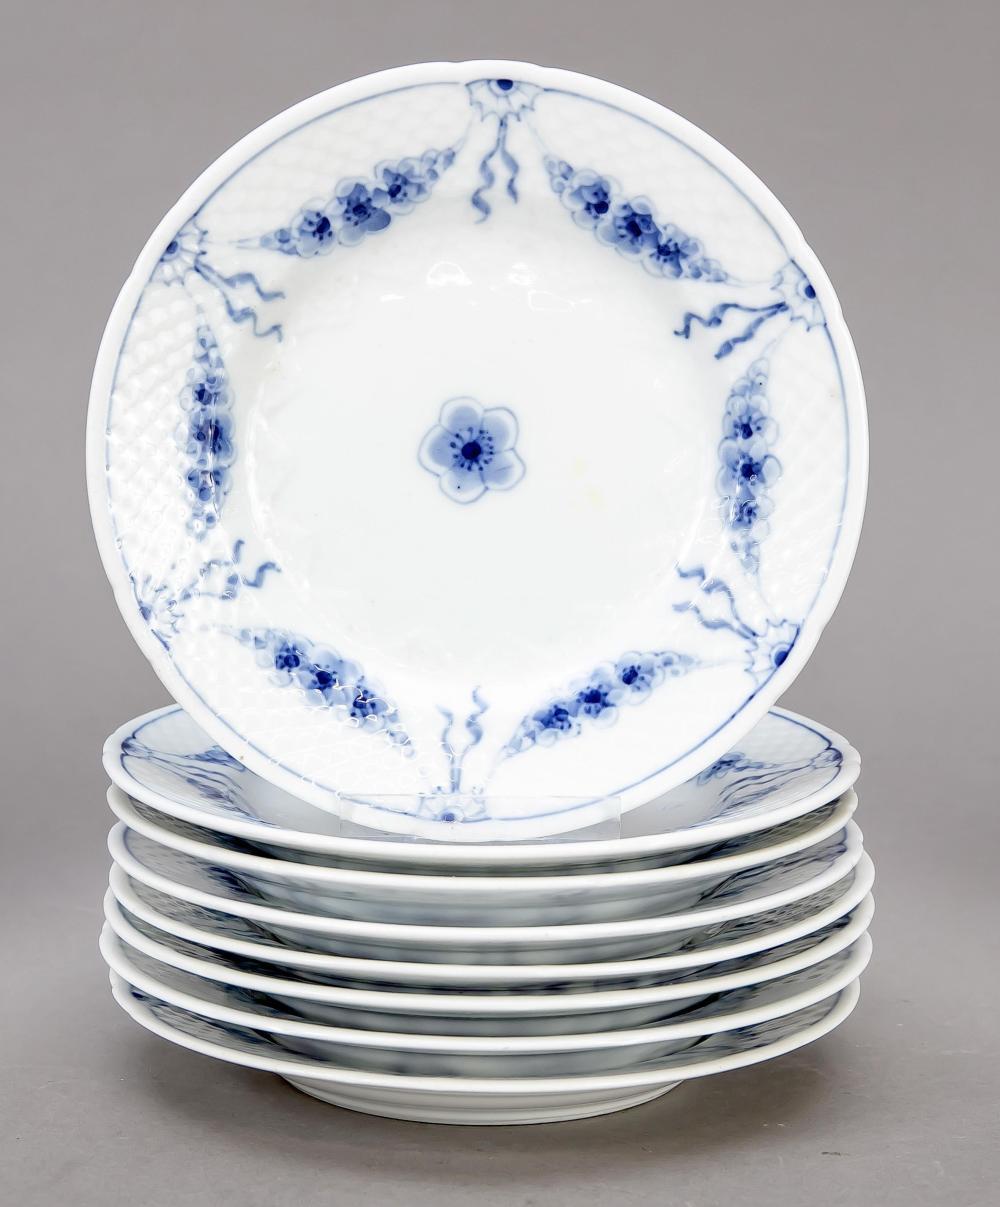 Eight bread plates, Denmark, 2